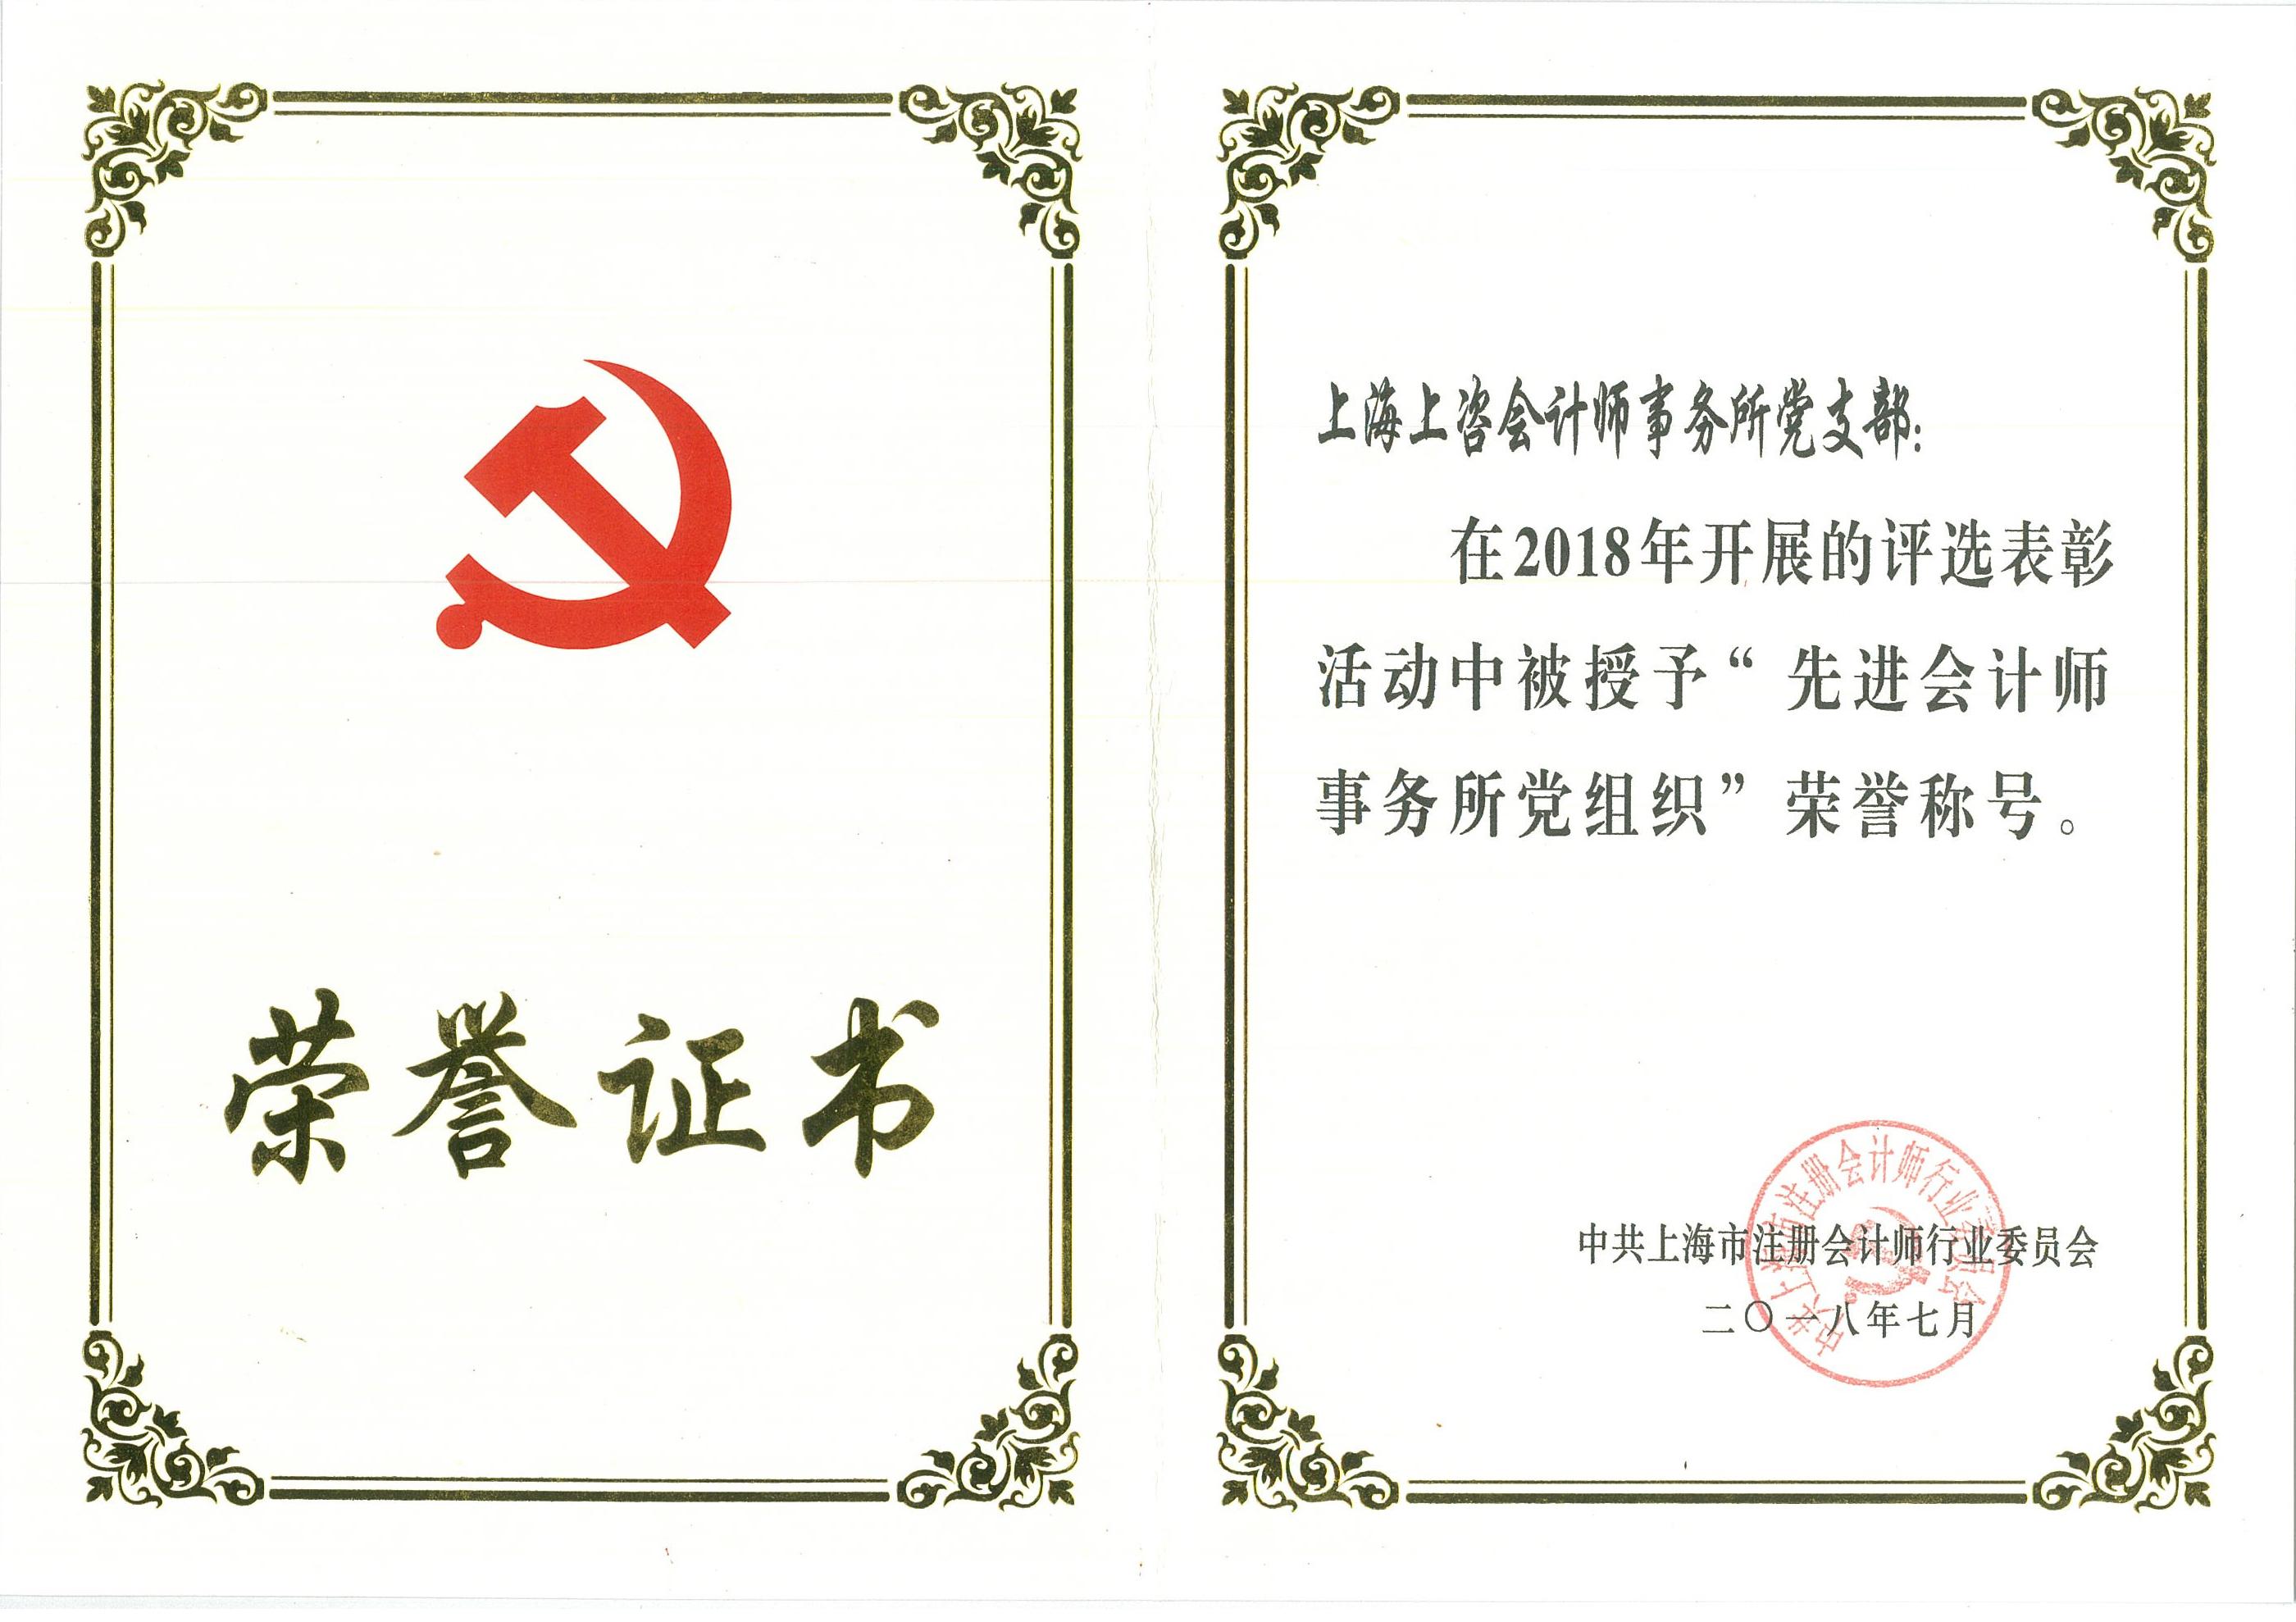 2018年先进会计师事务所党组织